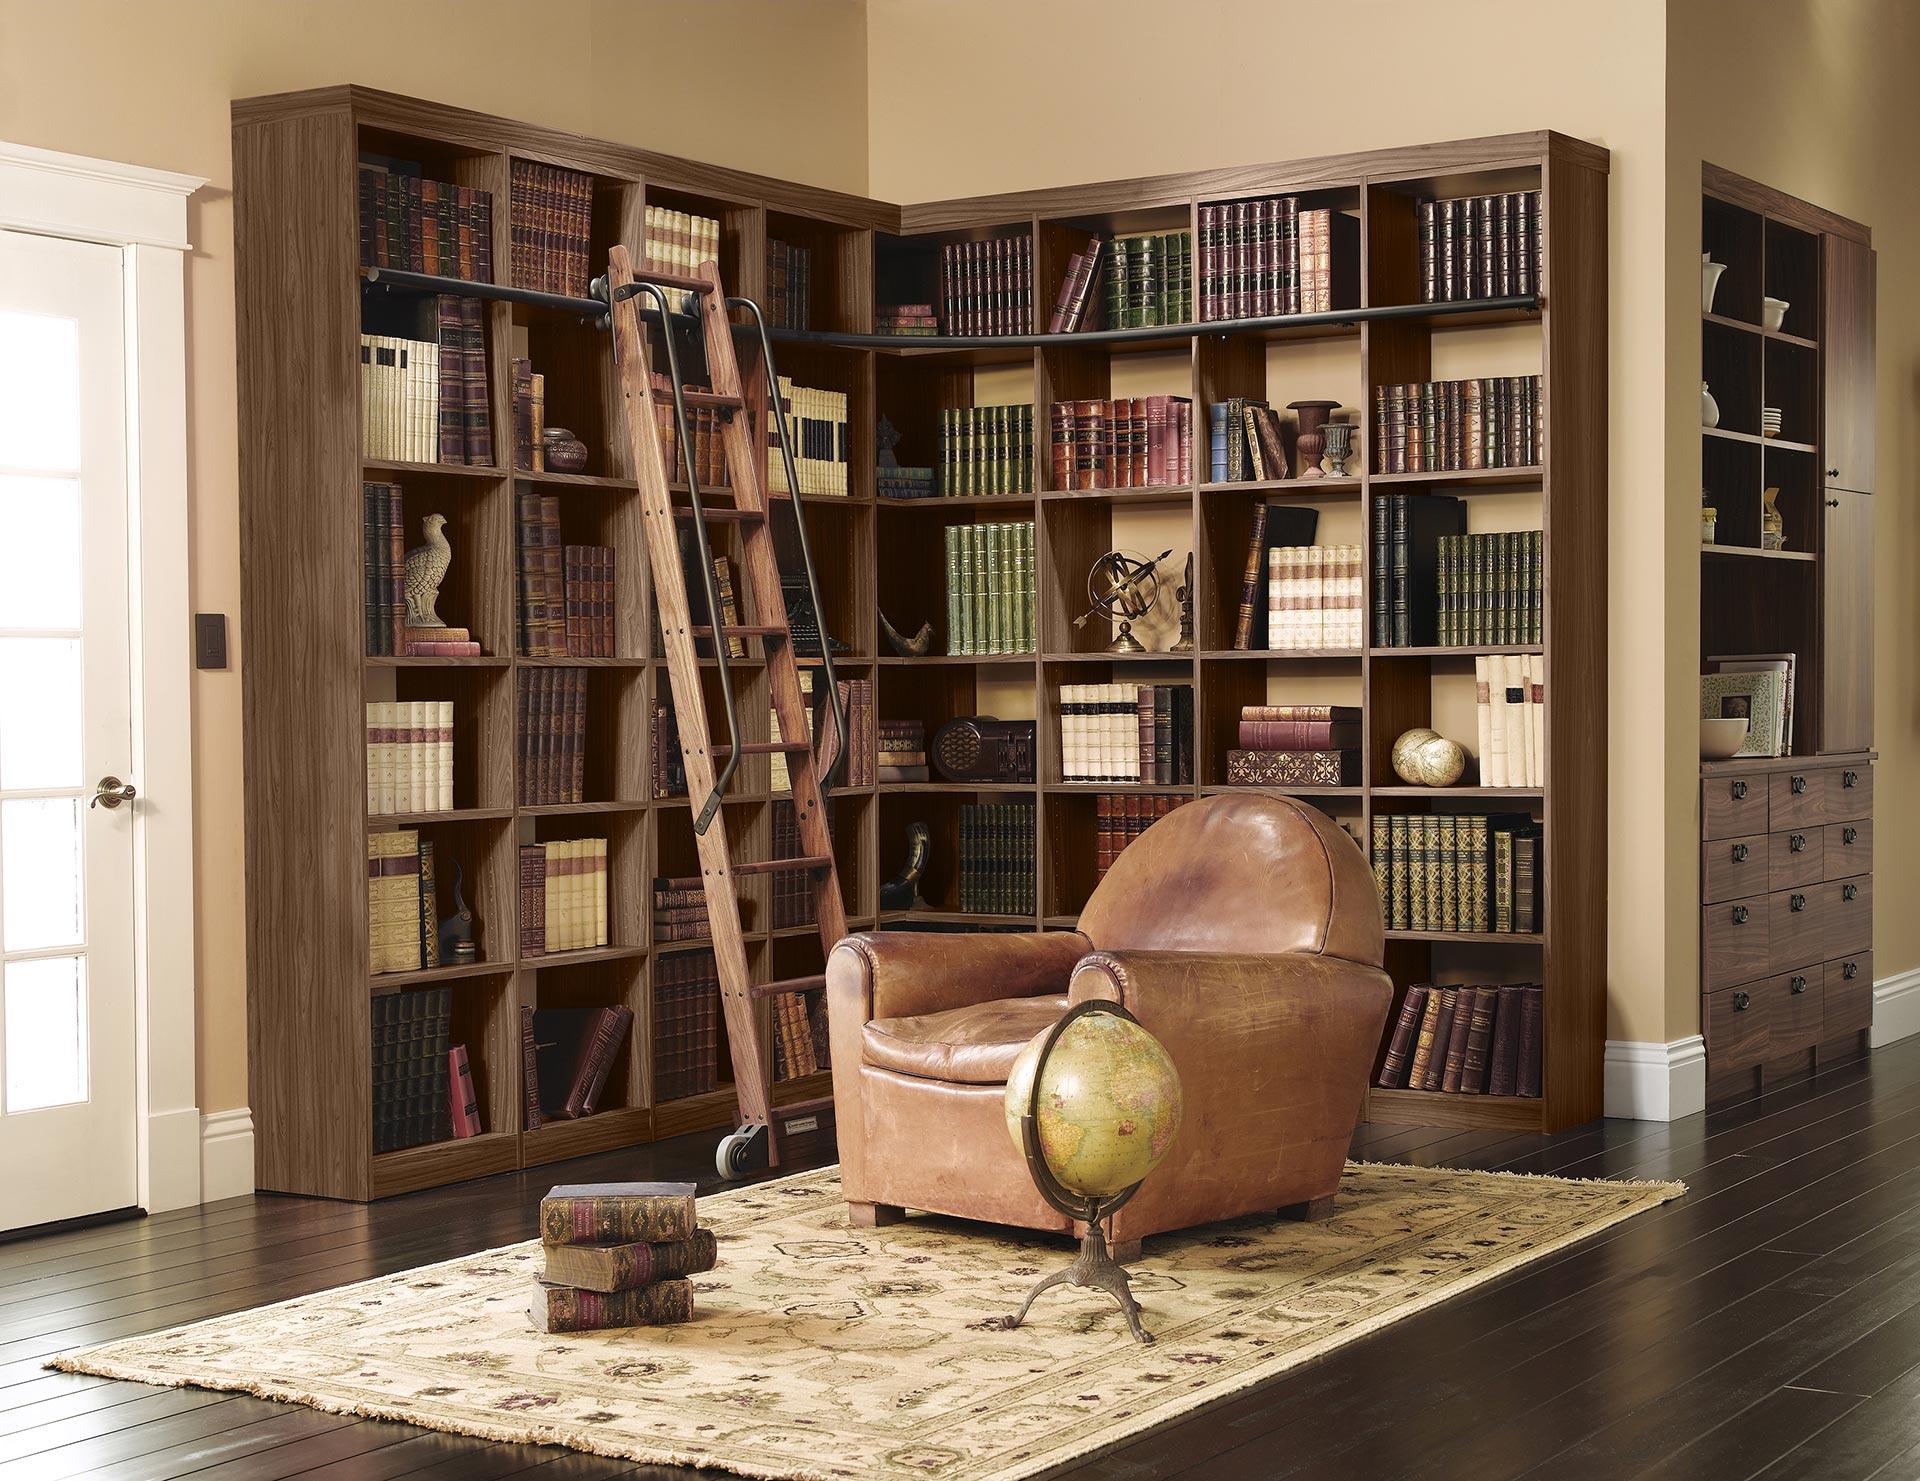 Pleasing Library Bookshelves Custom Library Shelving California Interior Design Ideas Gentotryabchikinfo